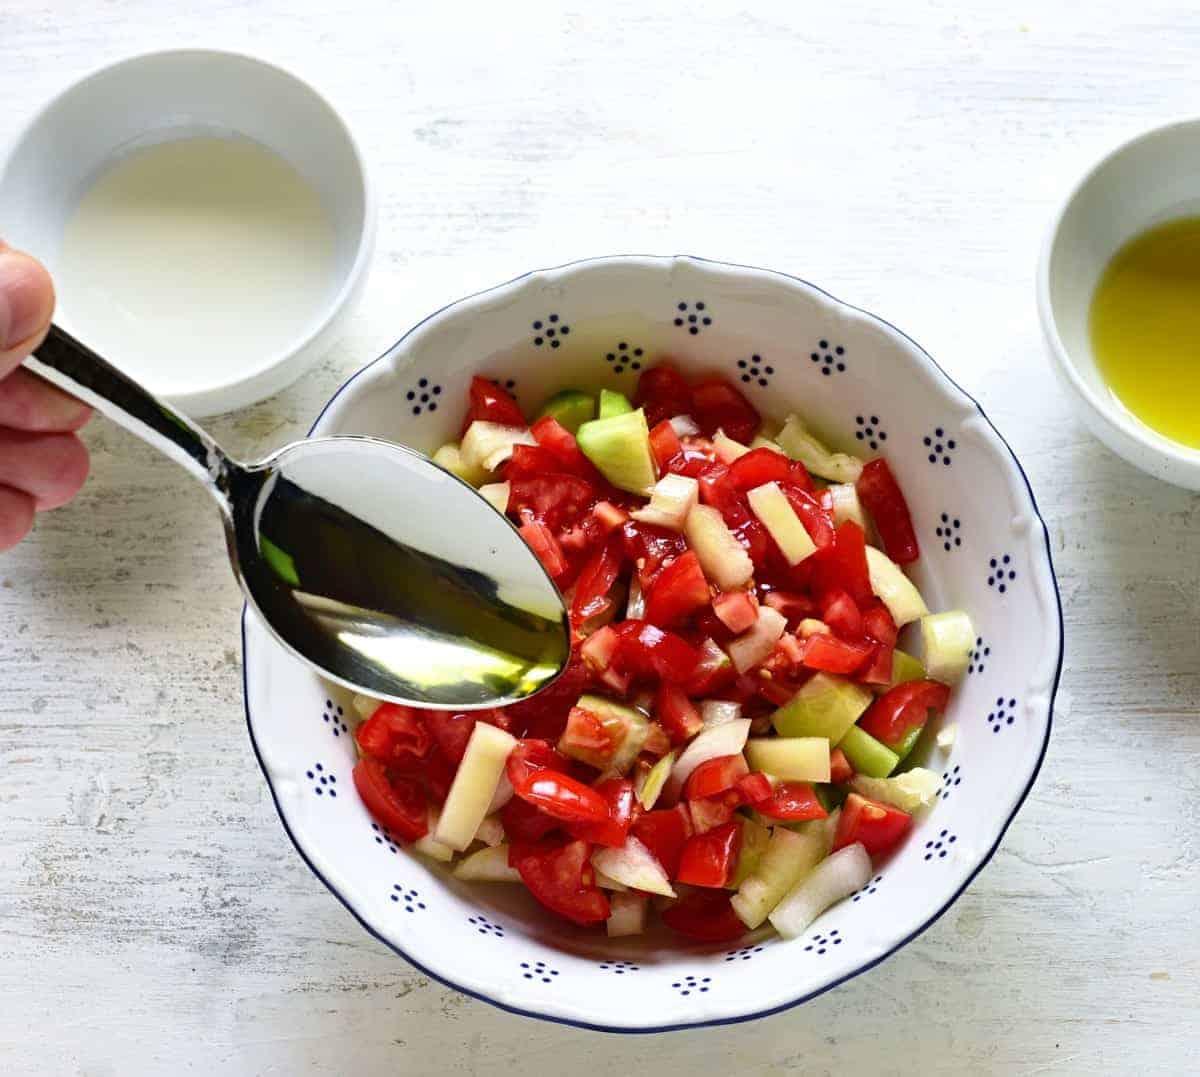 making shopska salad.